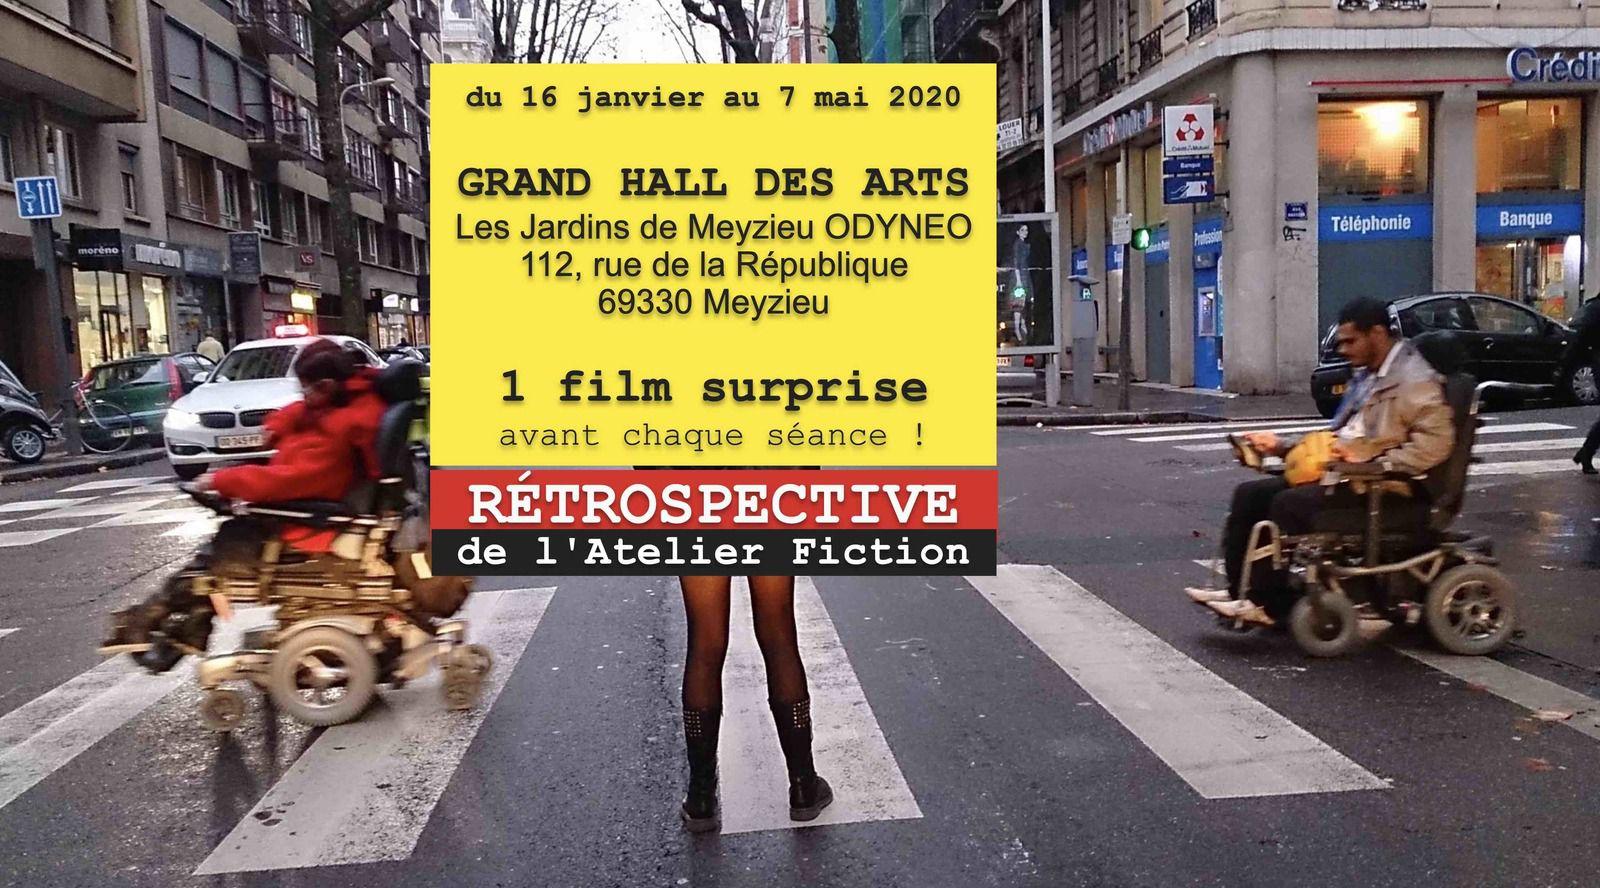 Rétrospective des films de l'Atelier Fiction !